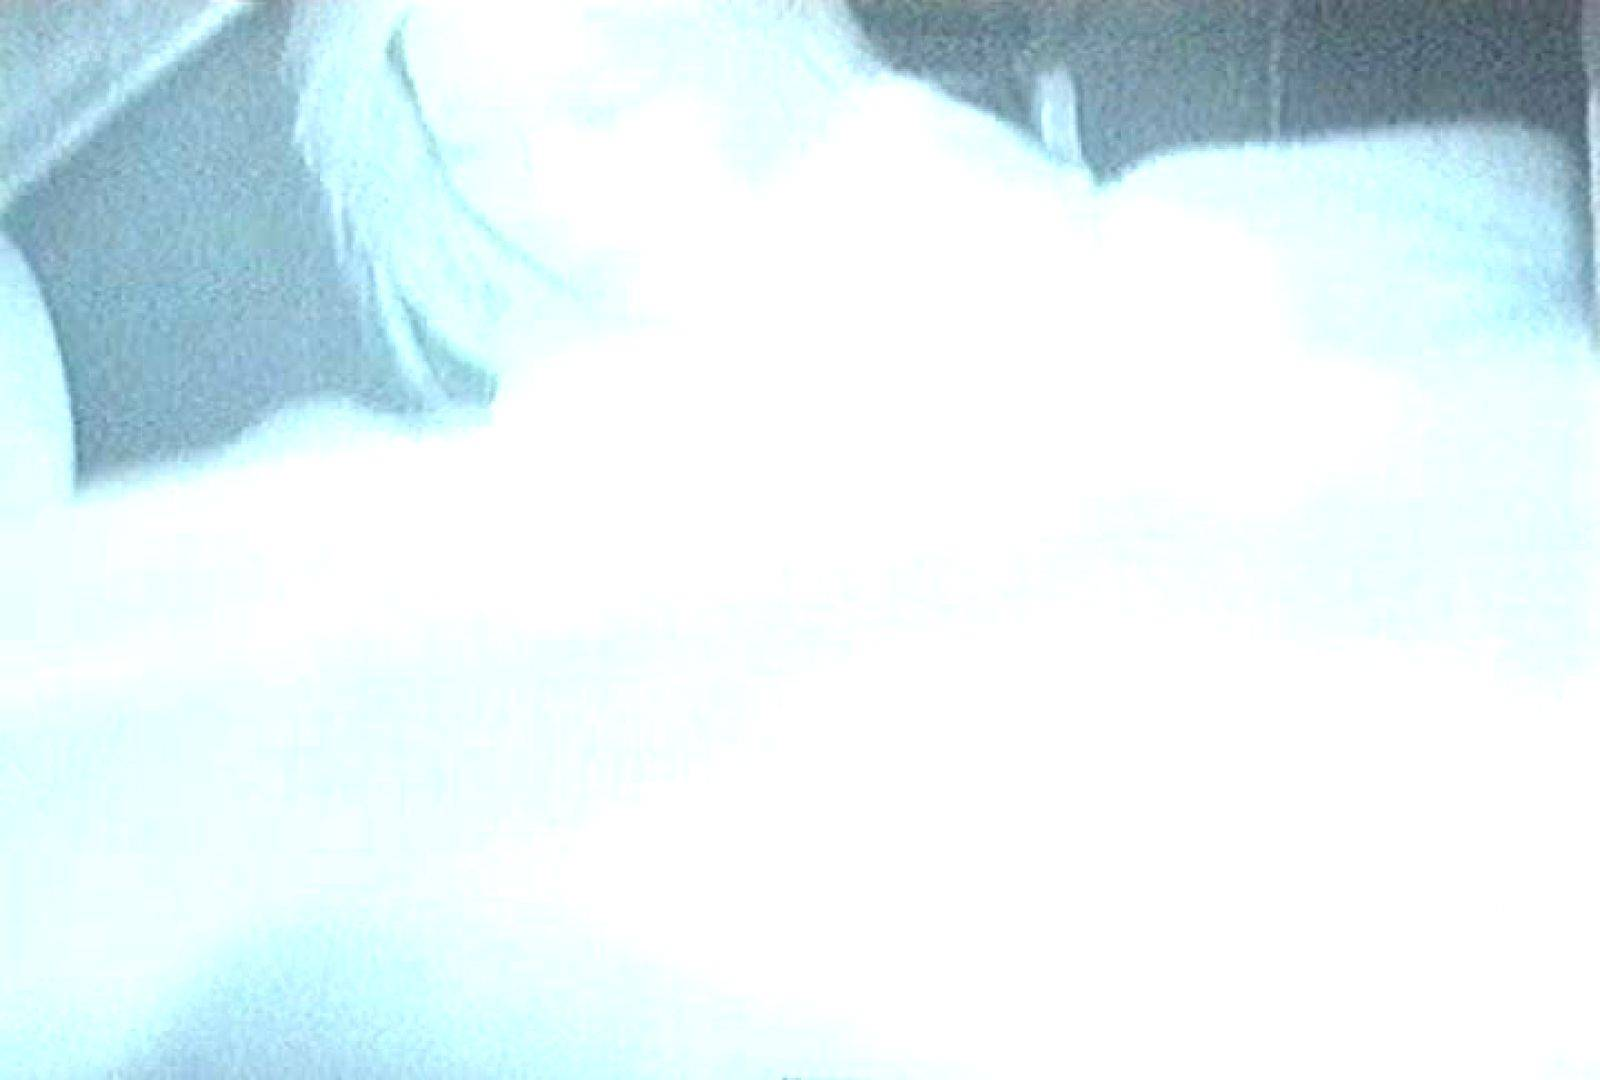 充血監督の深夜の運動会Vol.77 全裸 盗撮セックス無修正動画無料 90連発 18